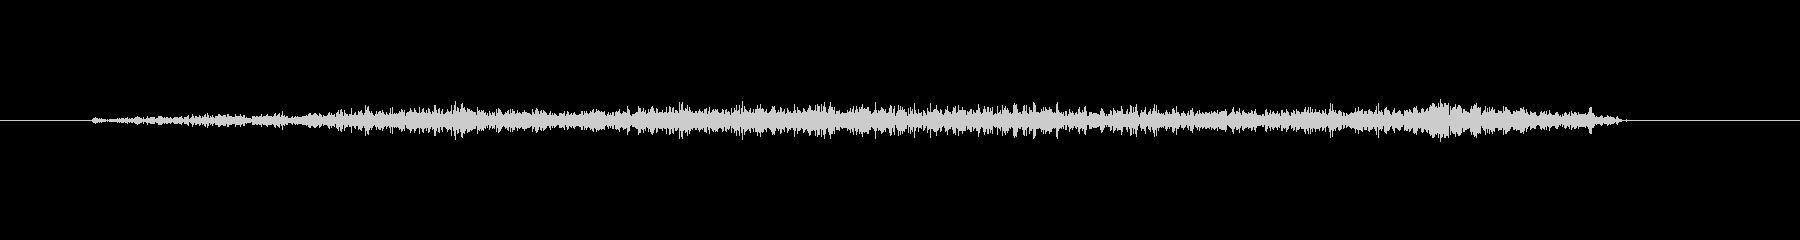 【フェルトペン01-3(直線)】の未再生の波形